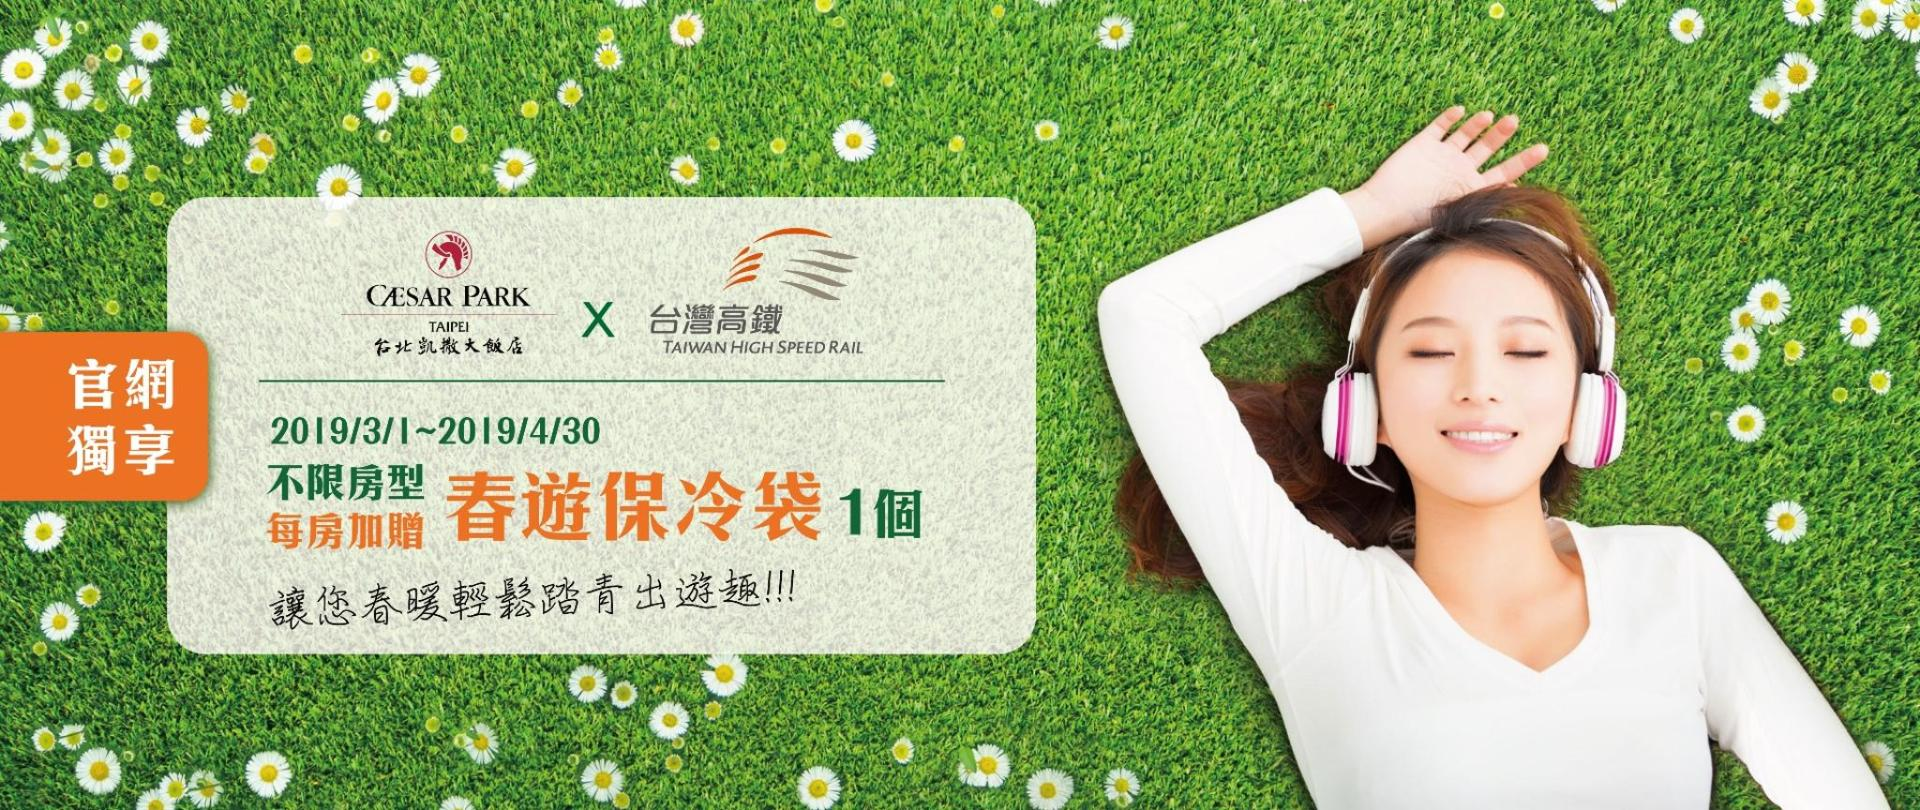 Slide Show1920X810_2019高鐵3-4月聯票專案-2.jpg